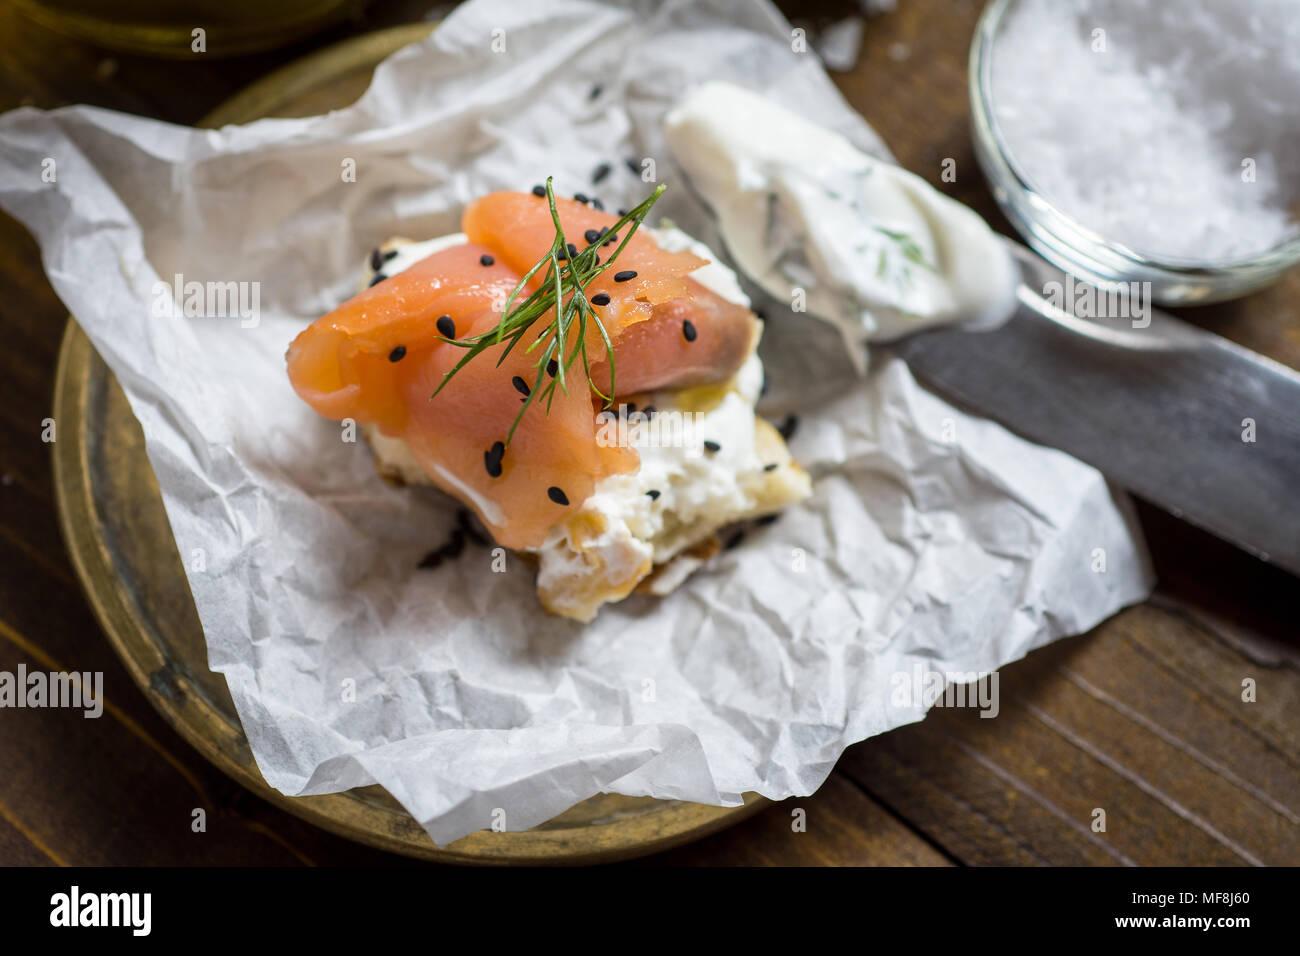 Geräucherter Lachs Canape mit Frischkäse, frischer Dill und schwarzem Sesam. Finger Food. Stockbild